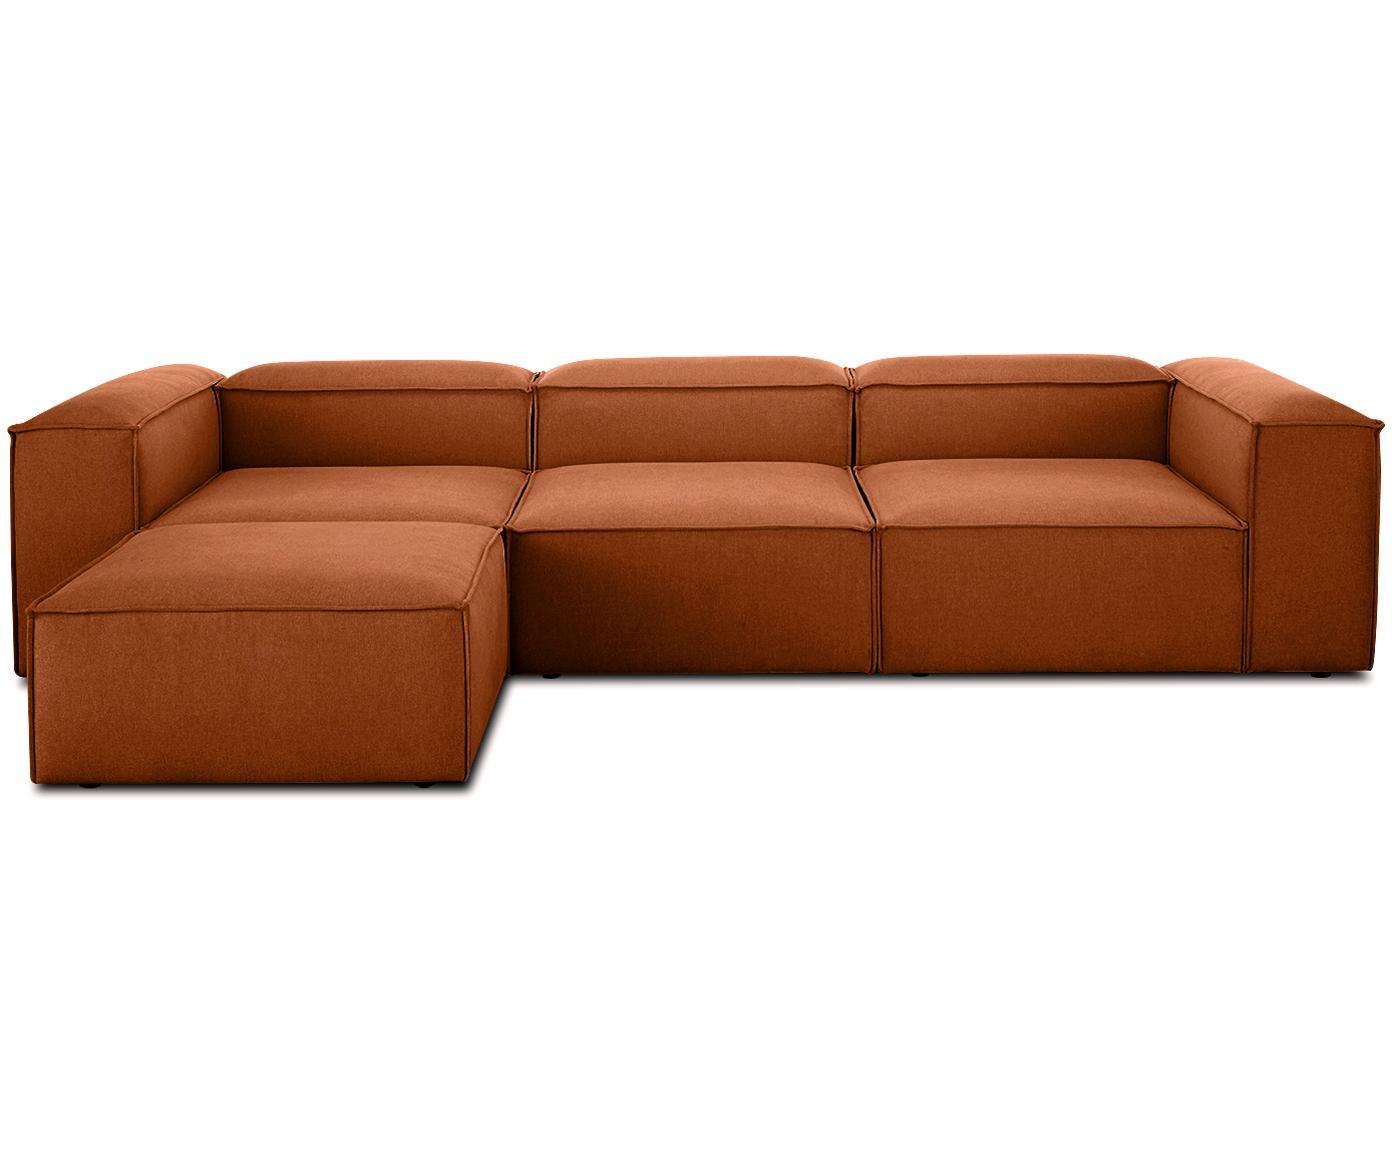 Sofa modułowa narożna Lennon, Tapicerka: poliester 35 000 cykli w , Stelaż: lite drewno sosnowe, skle, Nogi: tworzywo sztuczne, Terakota, S 326 x G 207 cm